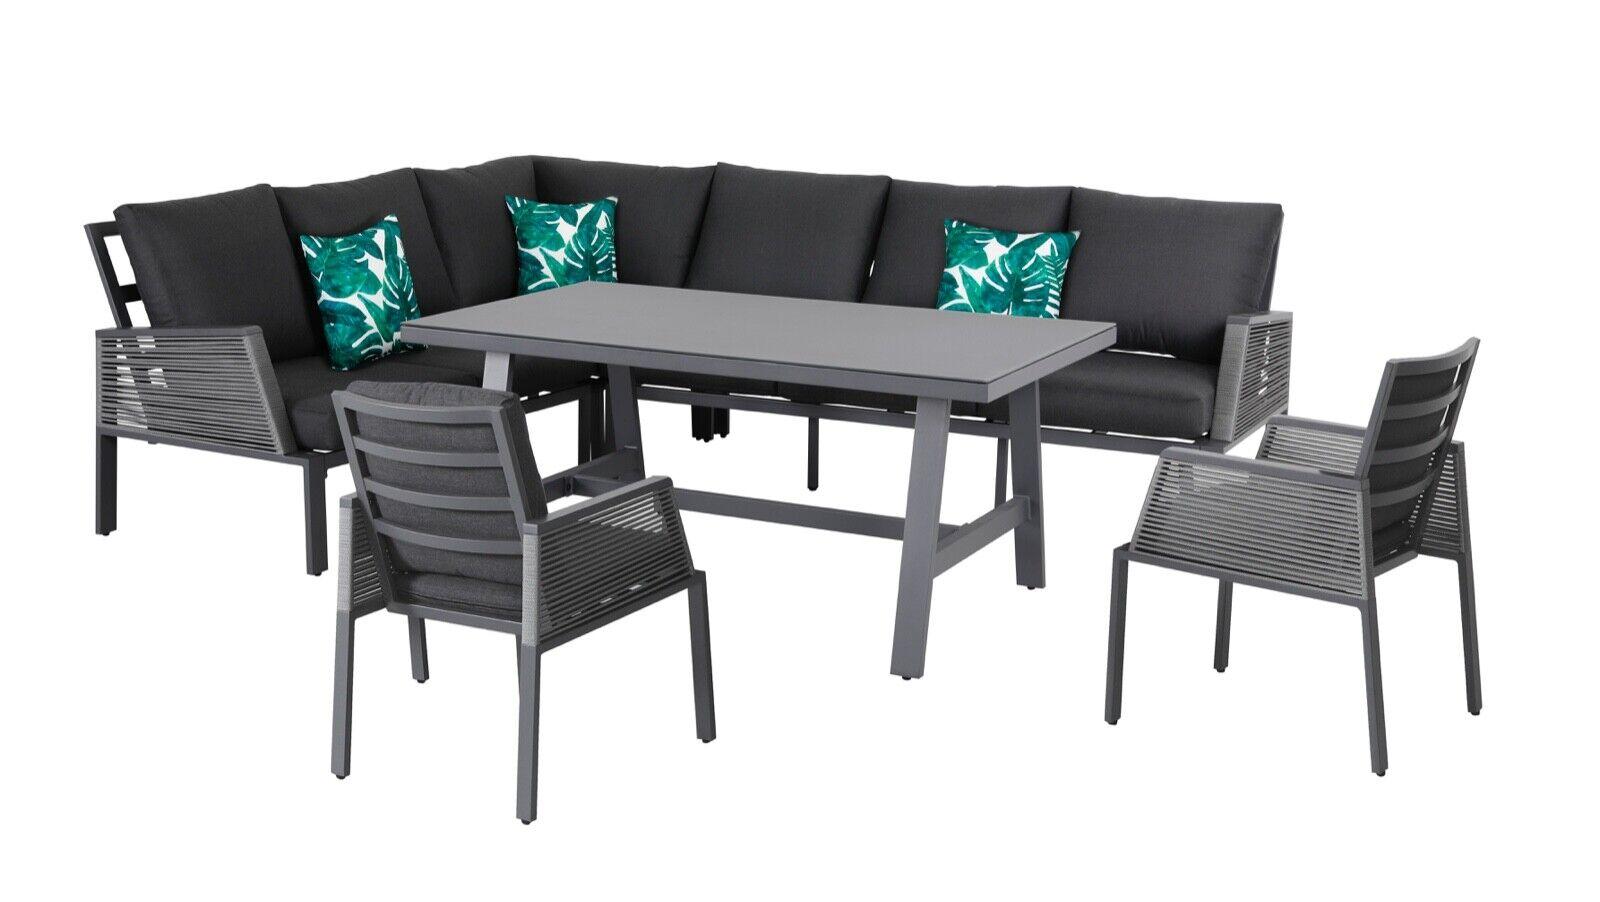 XL Alu Rope Dining Eck Lounge Elba inkl. 2x Sessel Wetterfest Garnitur Essgruppe